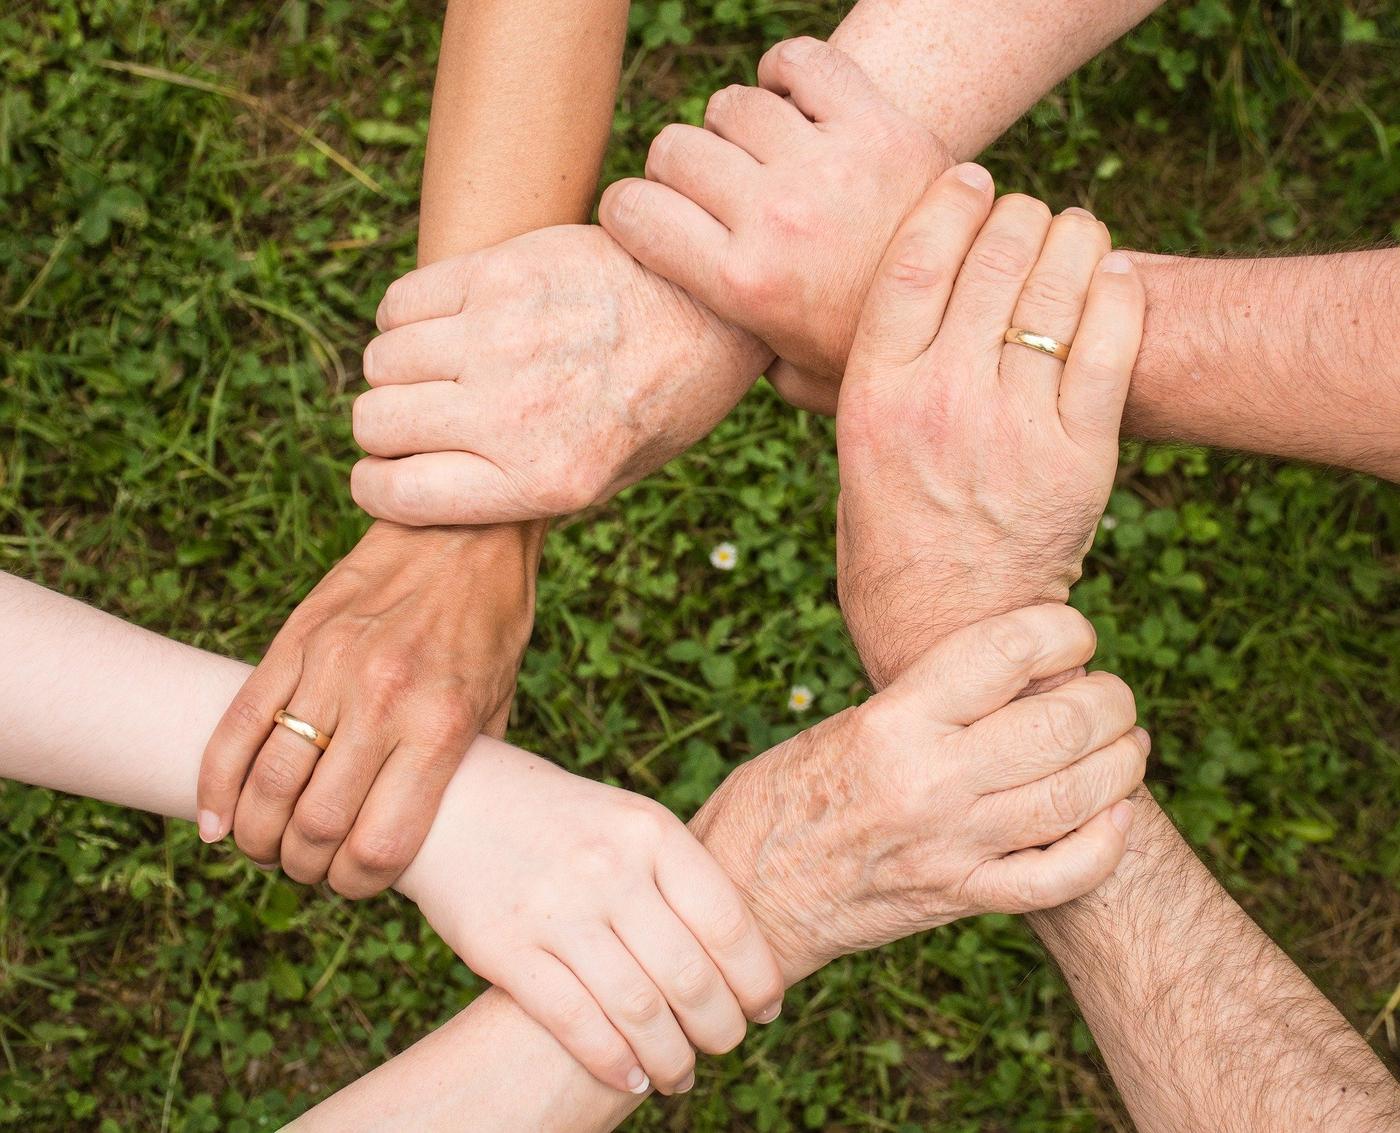 5 Hände greifen sich am Handgelenk in Form eines Kreises, Hintergrund Wiese